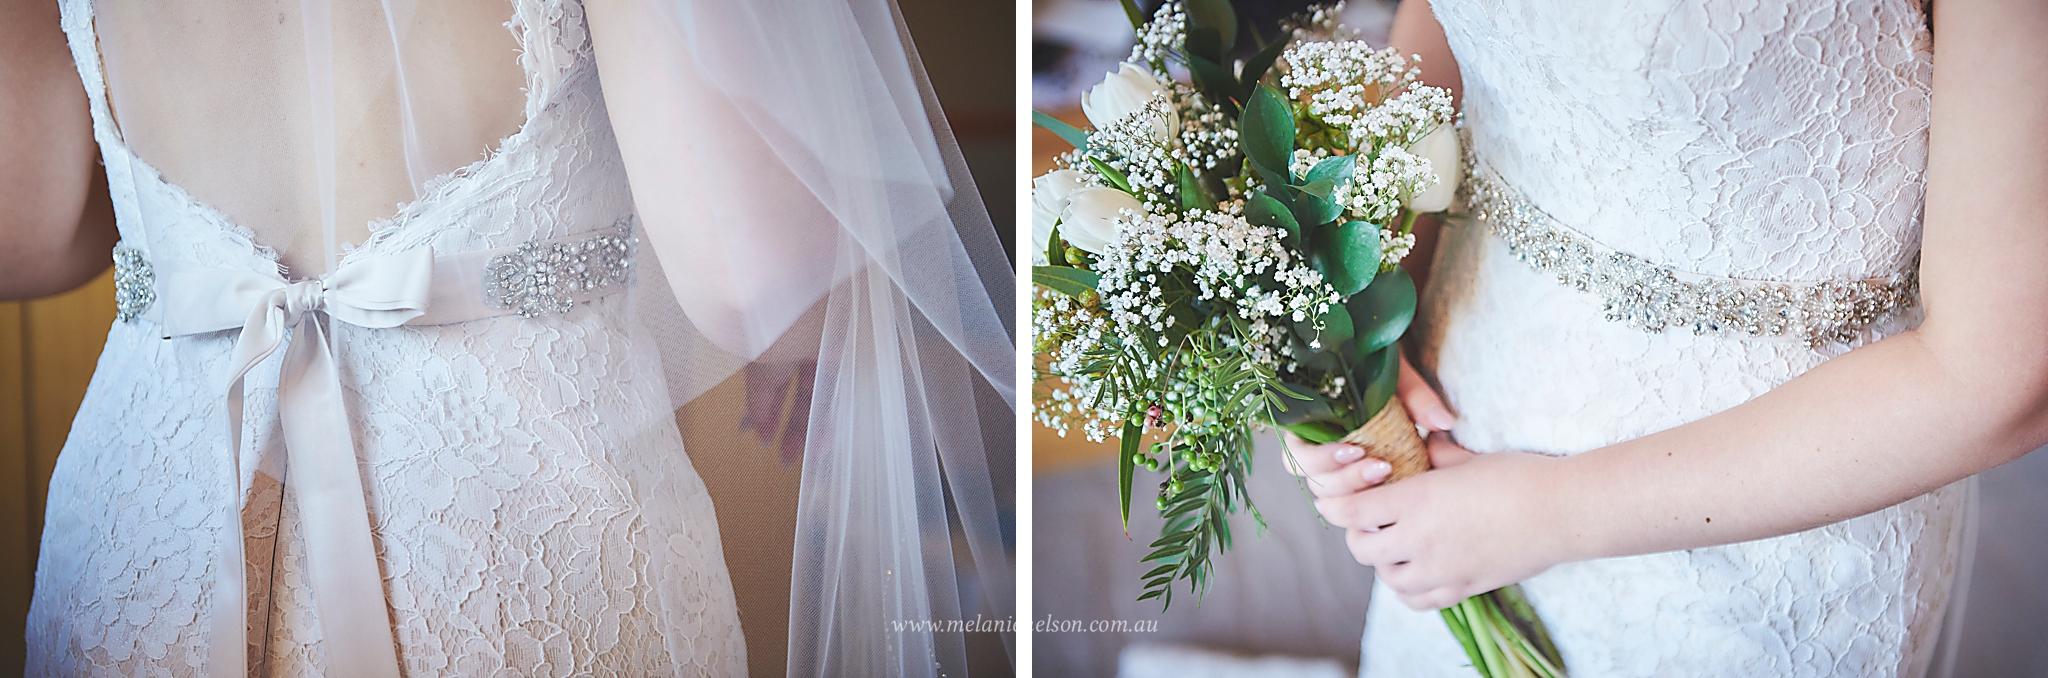 adelaide_wedding_photography14.jpg